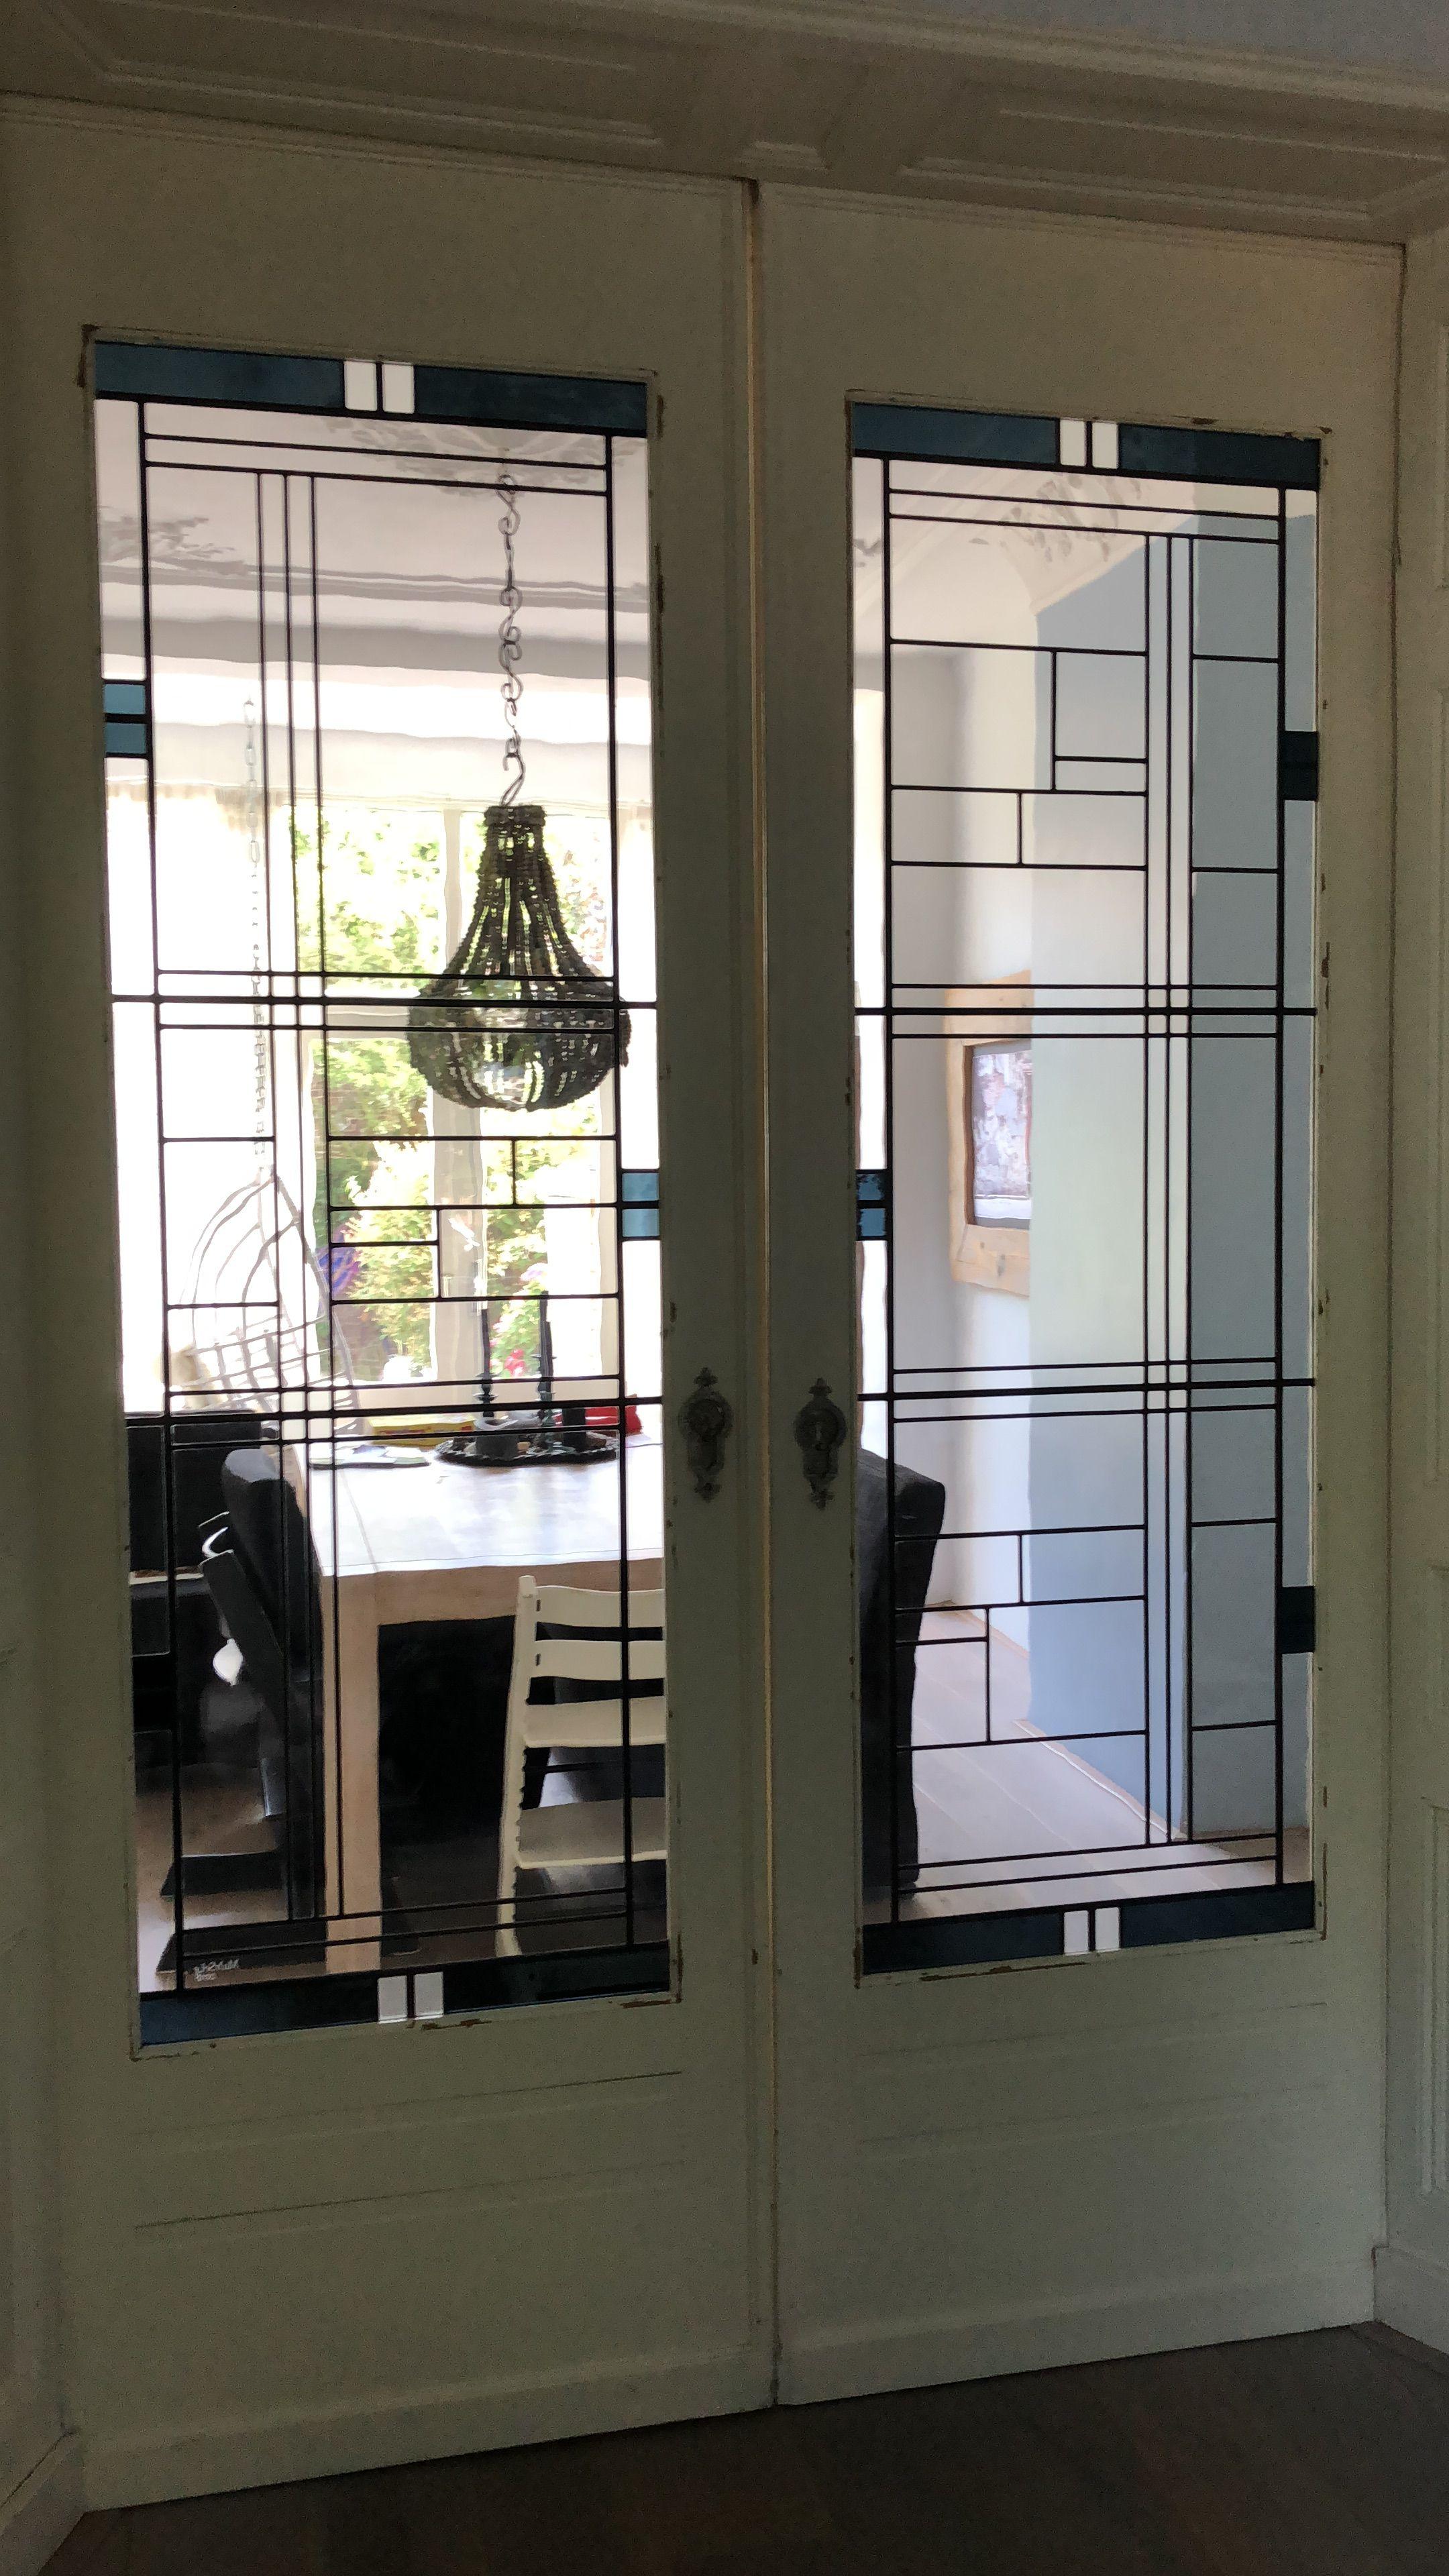 Moderne Glas In Lood Deuren.Modern Glas In Lood Schuifseparatie Stained Glass Modern